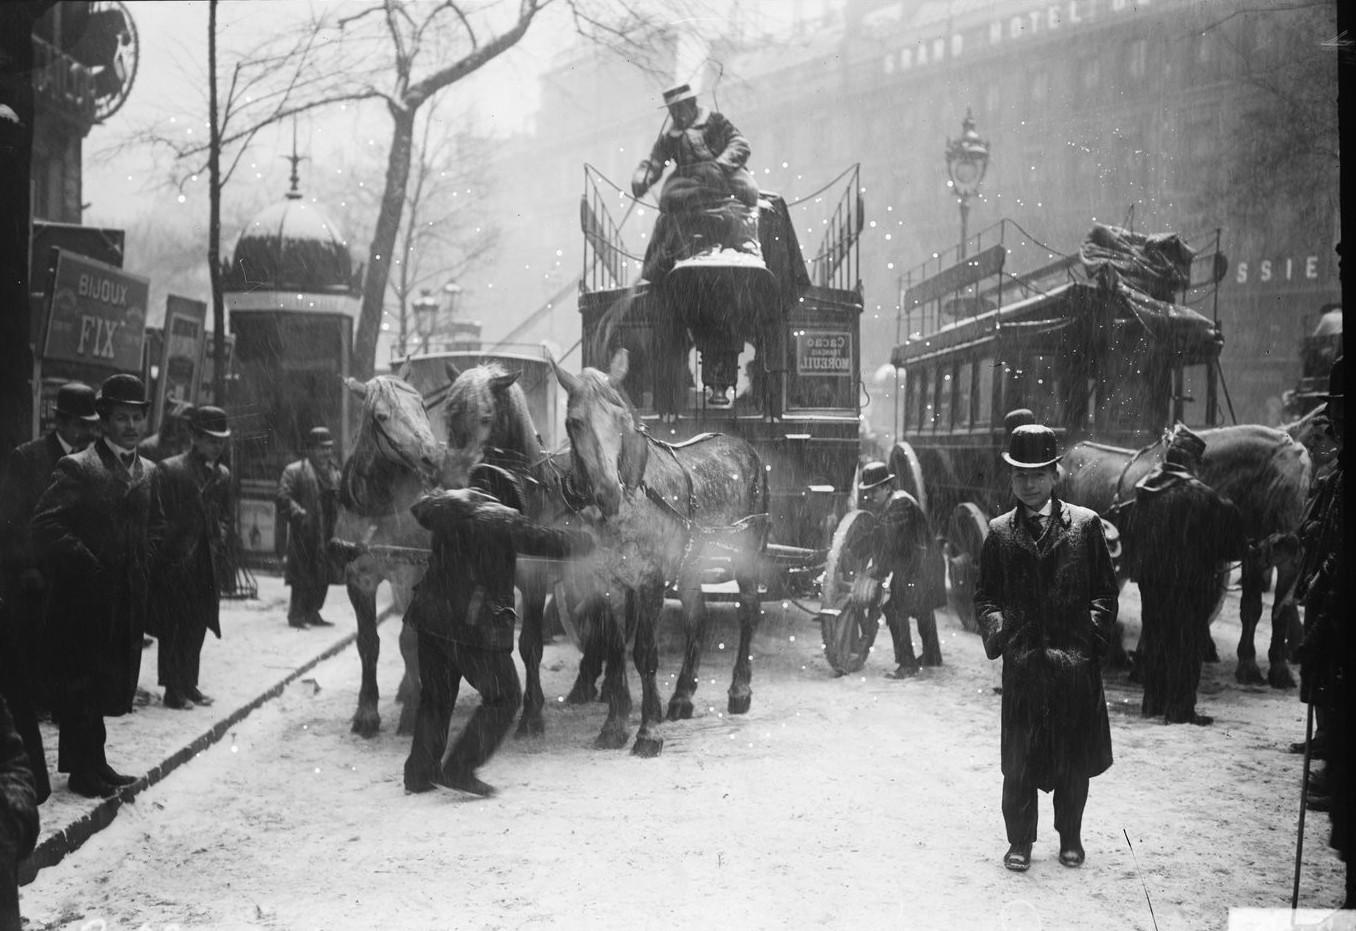 1908. Проблемы с гужевым транспортом в зимнюю непогоду